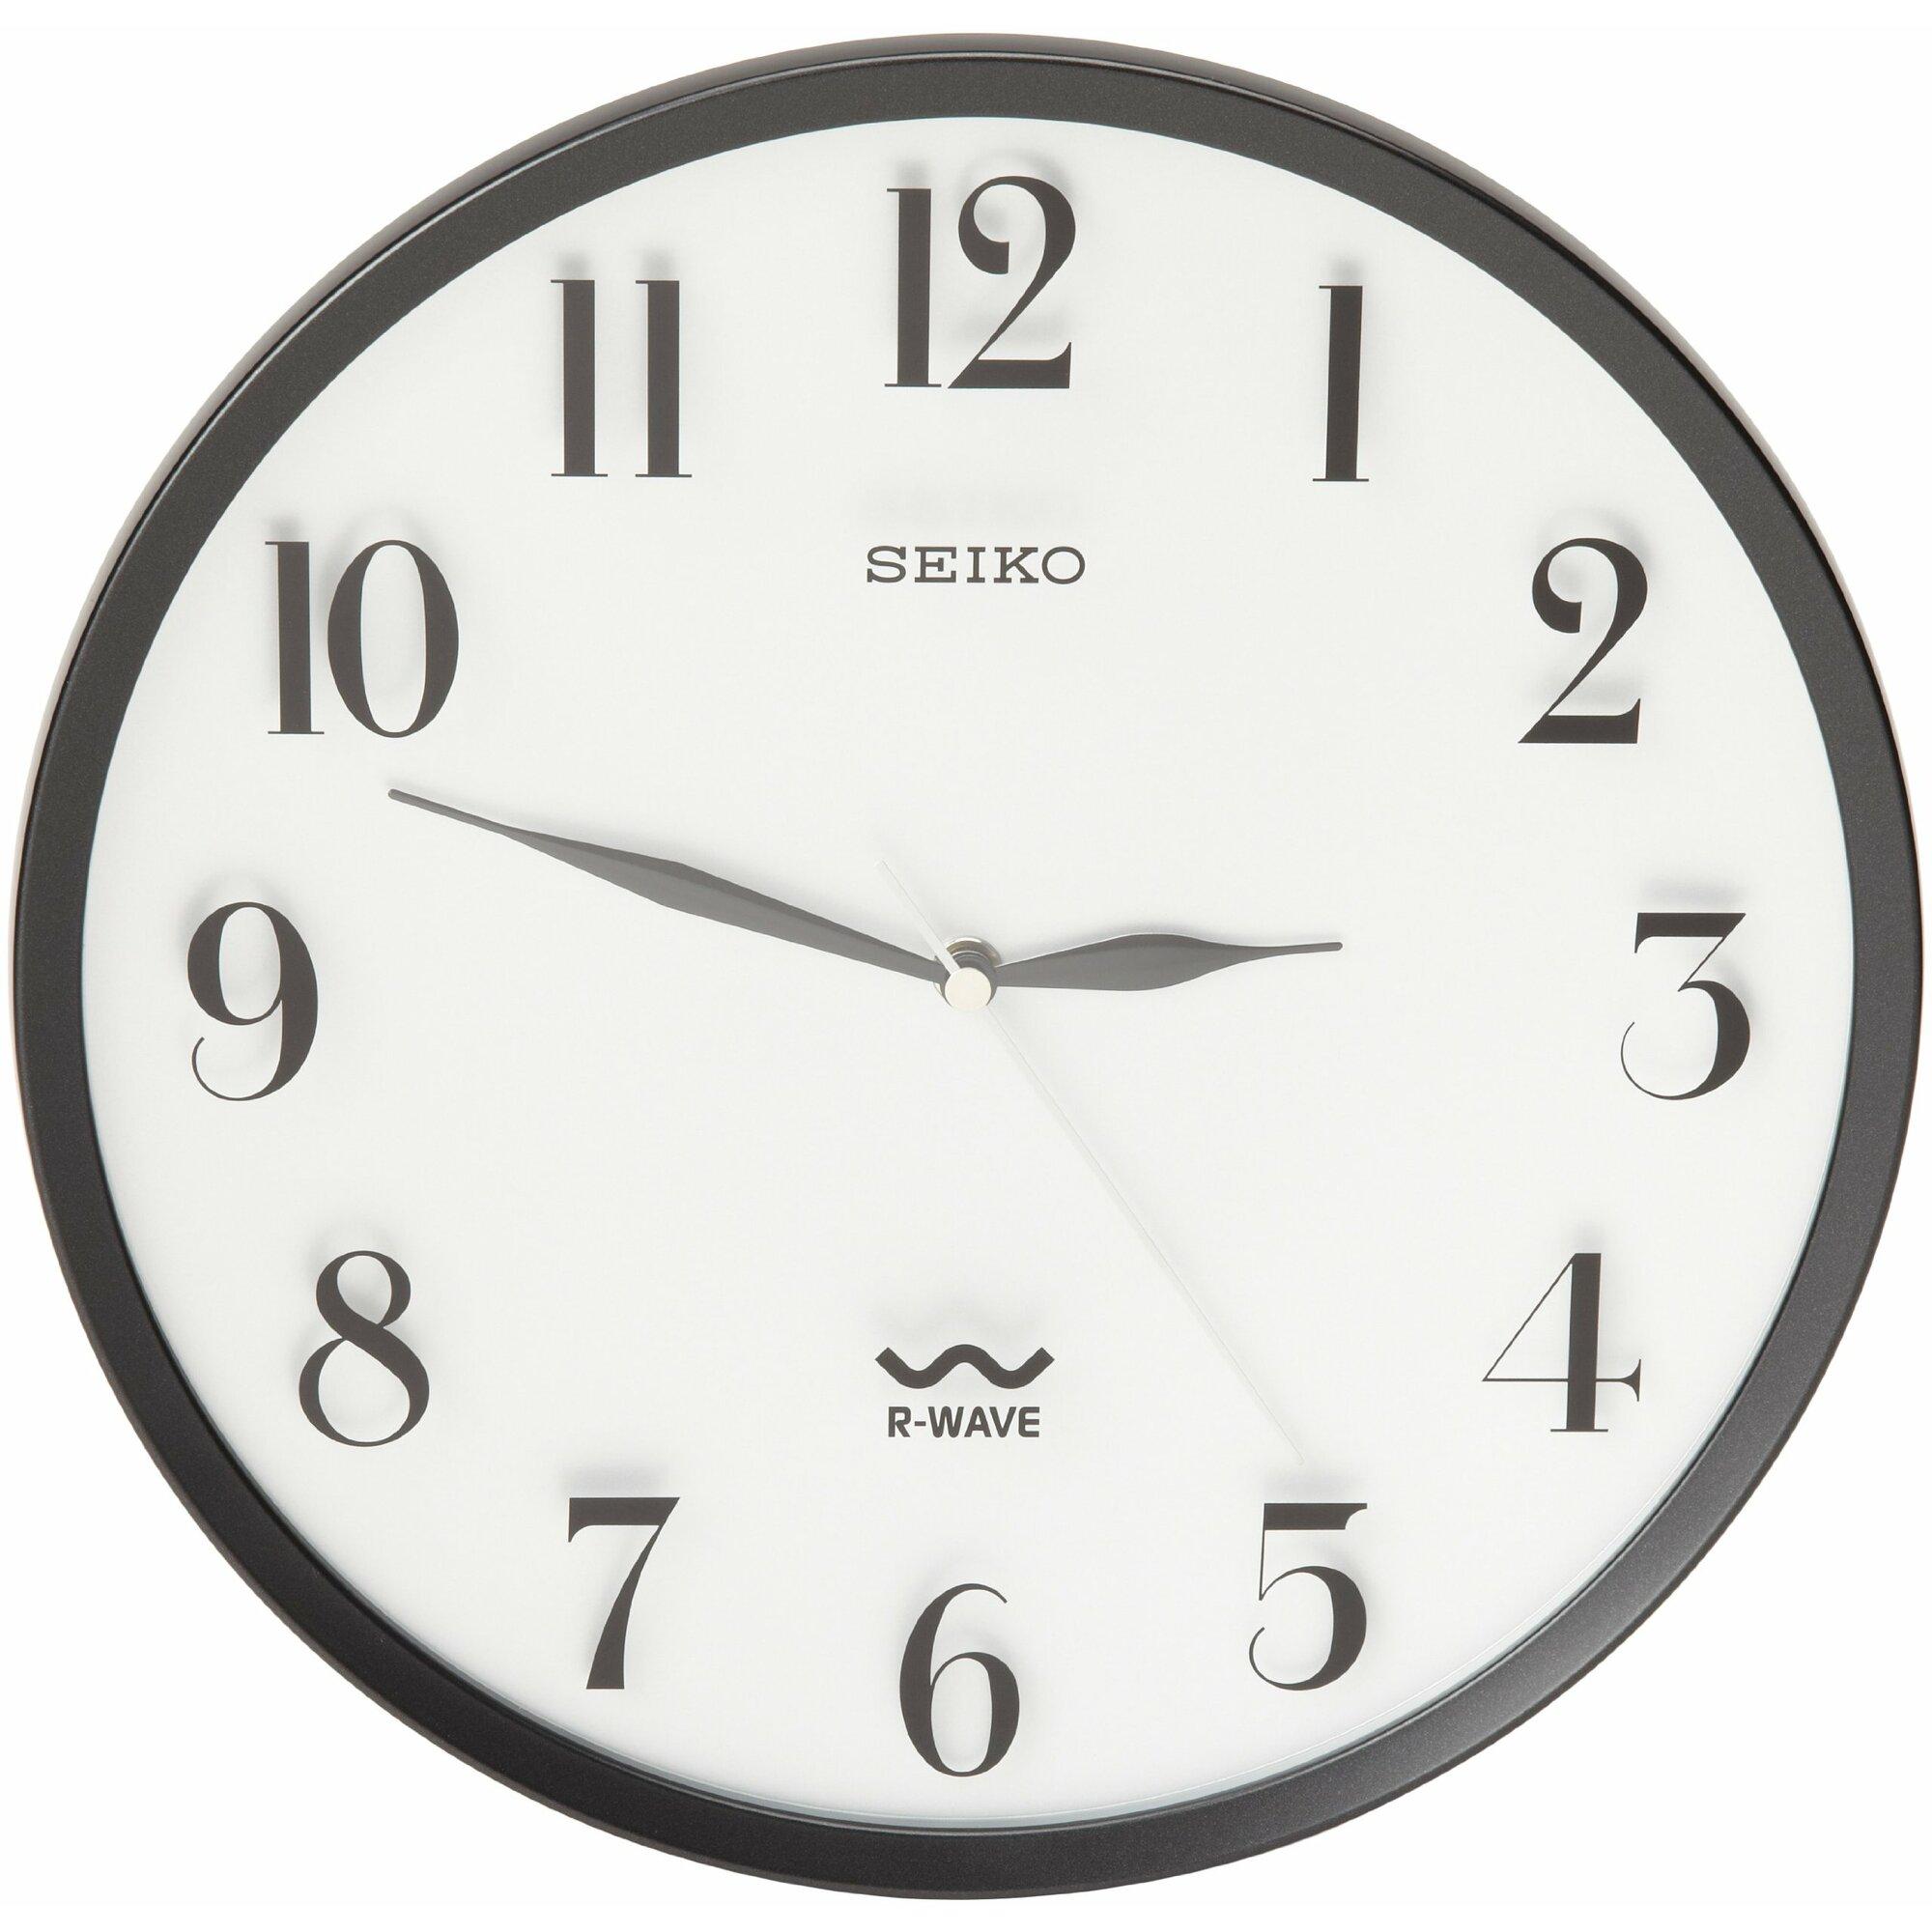 Seiko R Wave 12 25 Quot Atomic Wall Clock Amp Reviews Wayfair